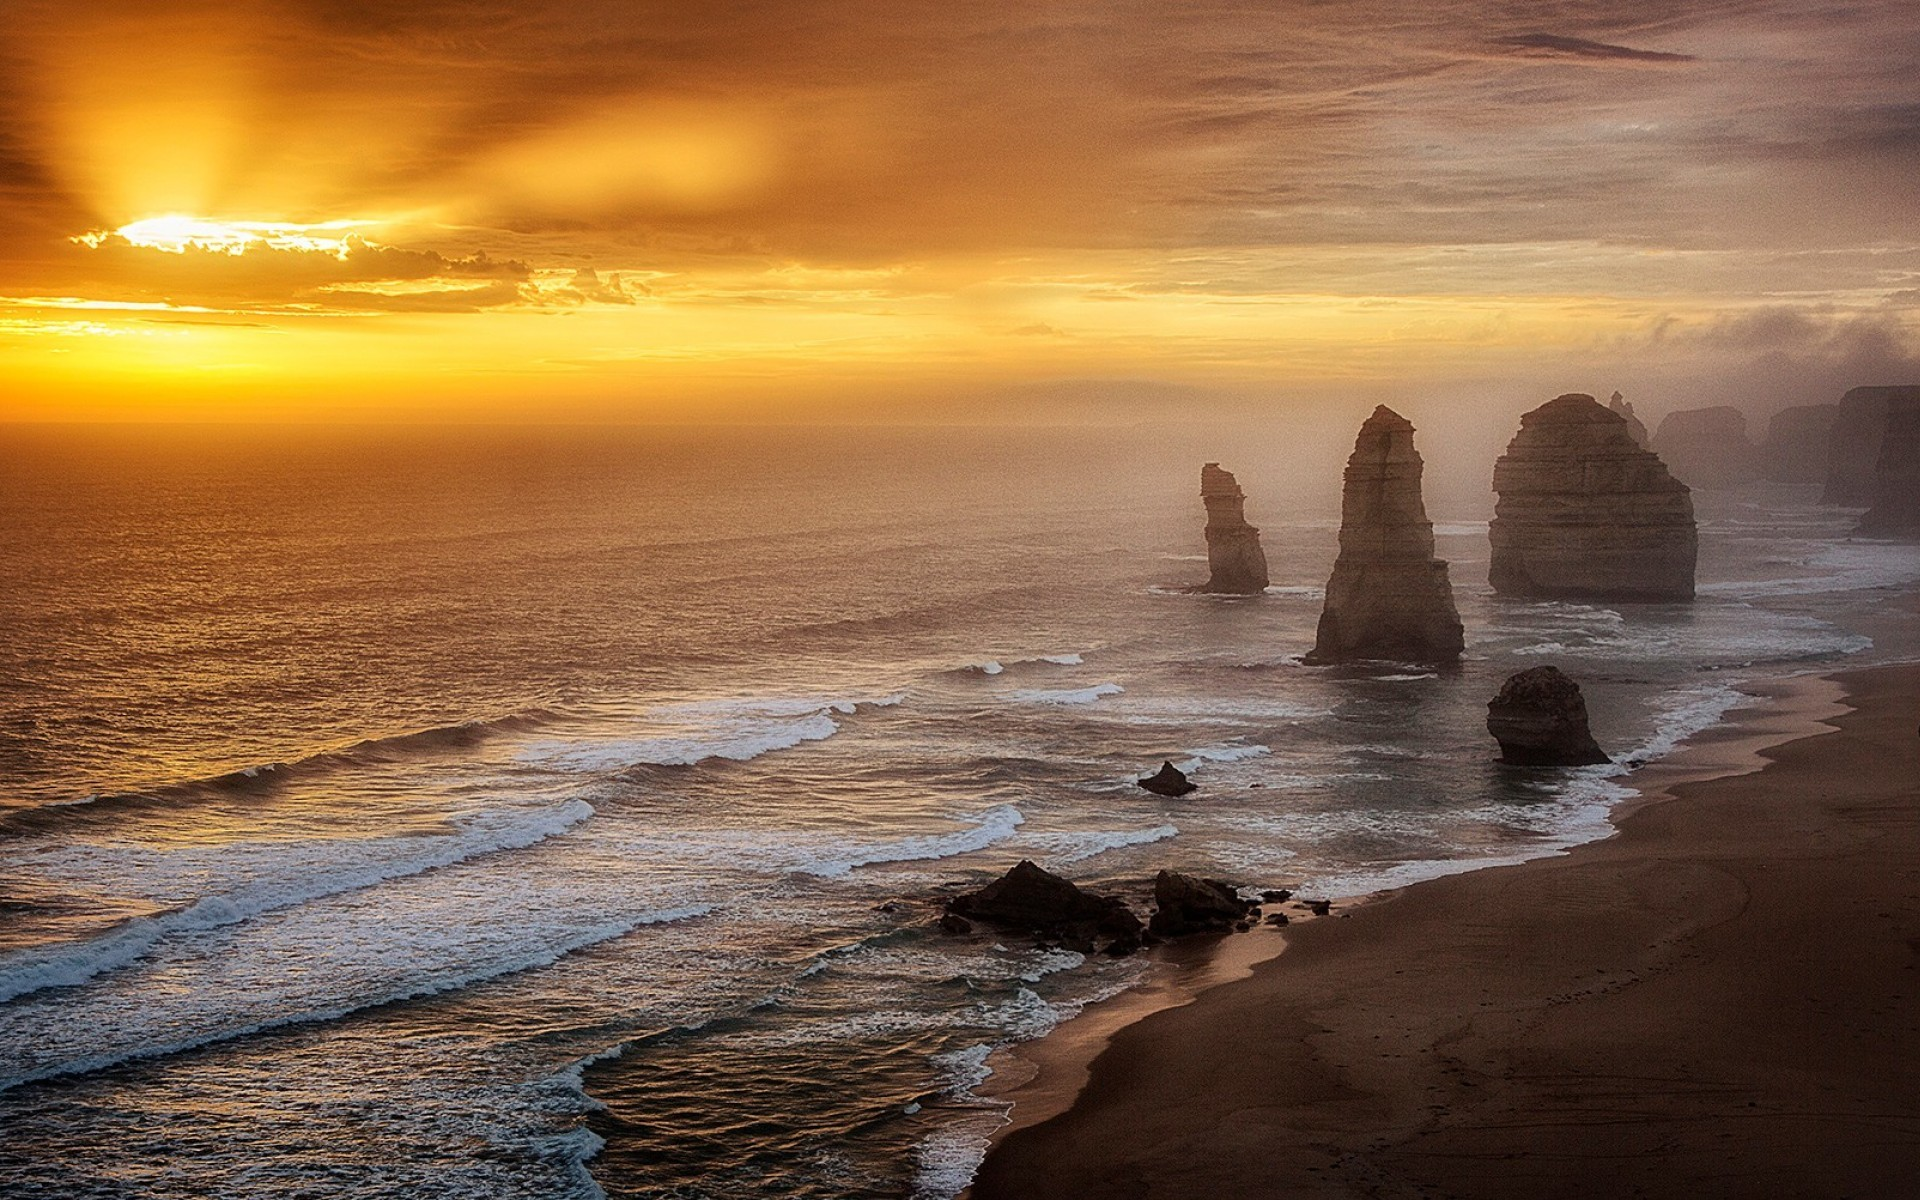 Hd Ocean Scene Wallpaper 862 - Beautiful Scenes Of Australia , HD Wallpaper & Backgrounds